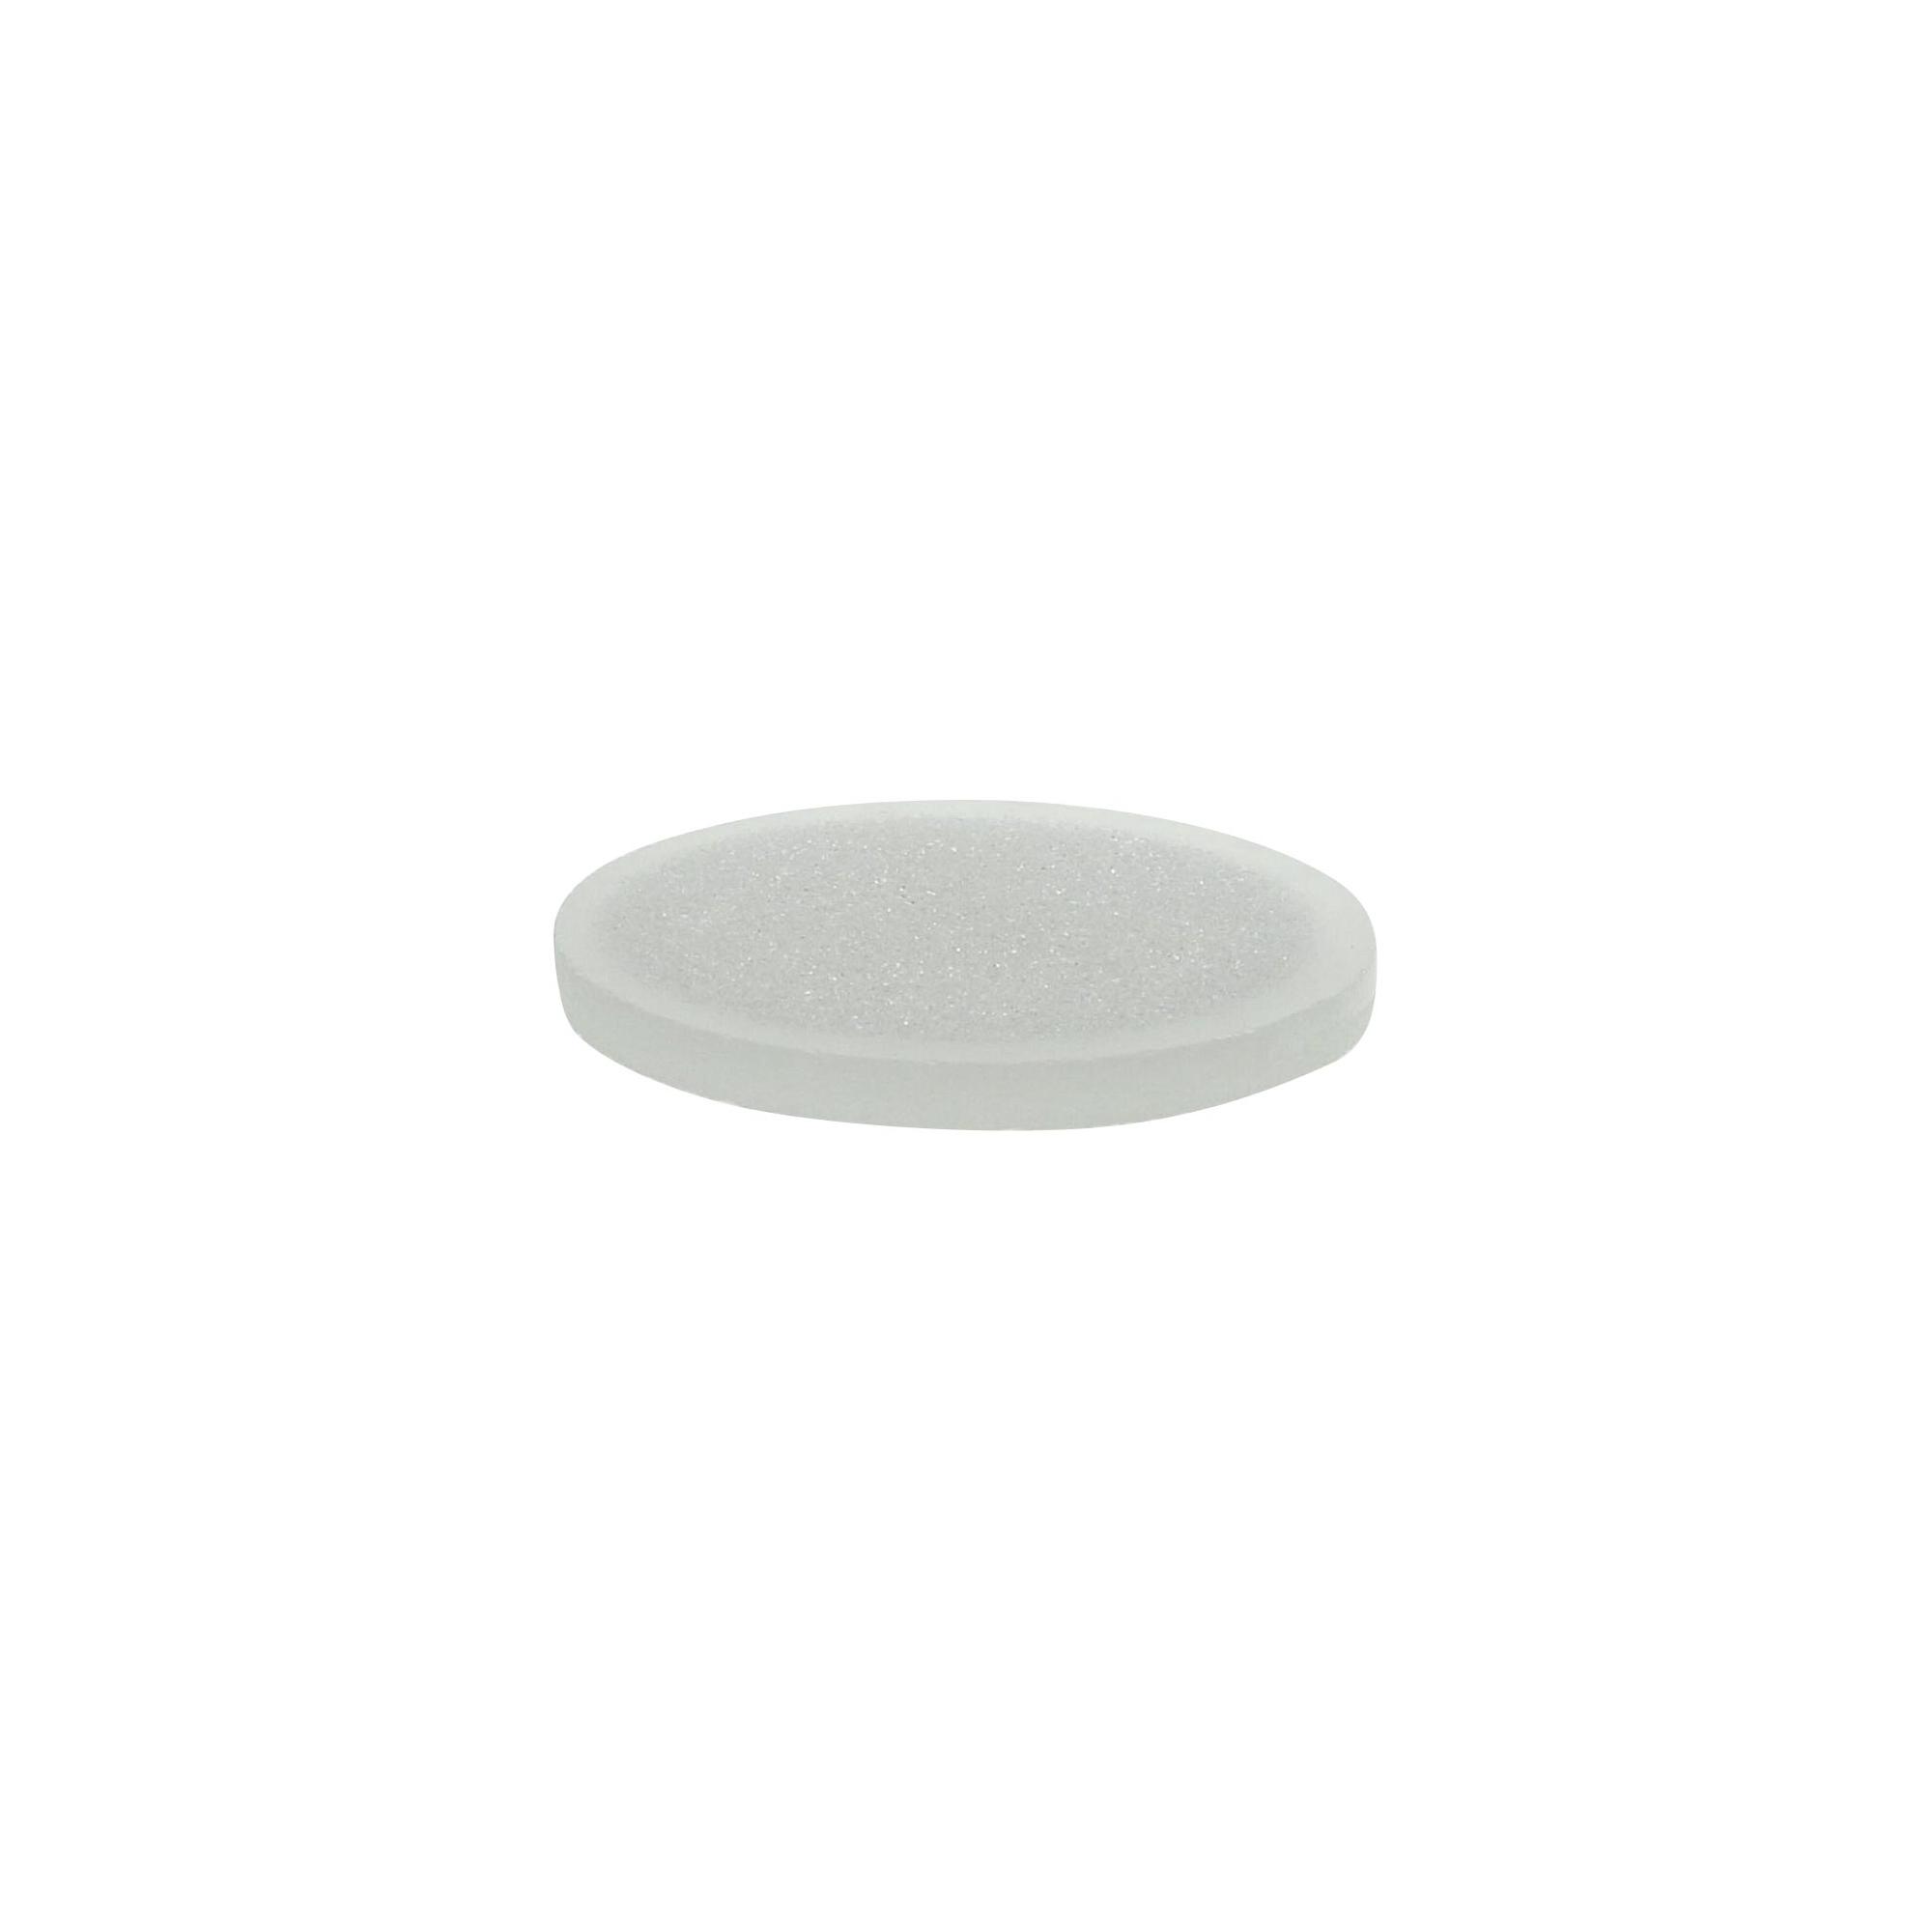 DURAN フィルターホルダー ねじ式 47mm用 ガラスフィルターベース P250 柴田科学(SIBATA)【Airis1.co.jp】